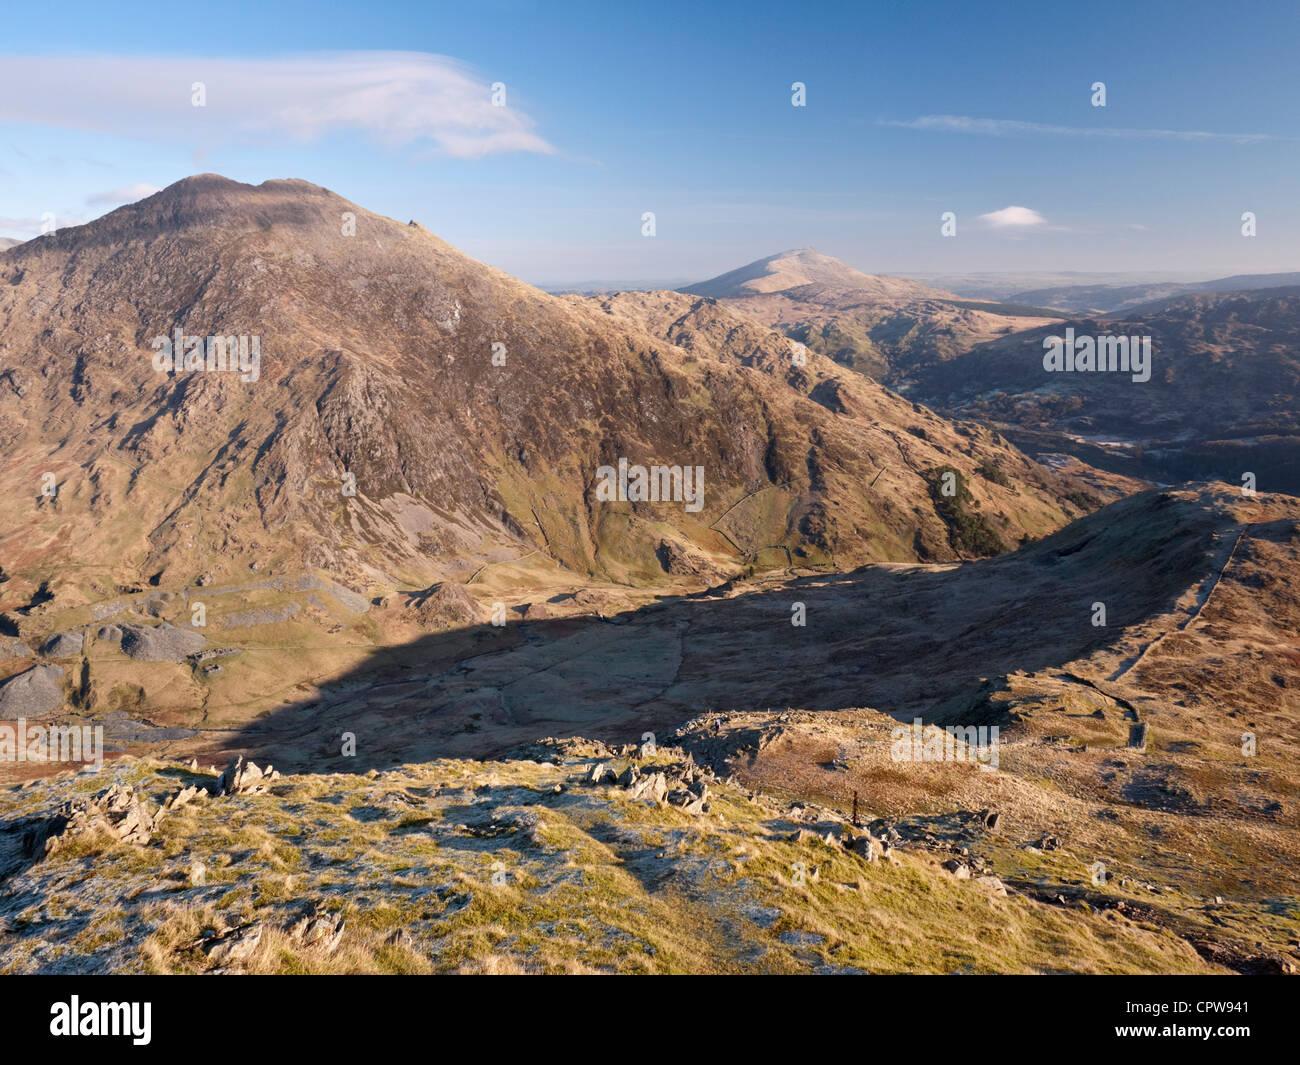 Y Lliwedd Moel Siabod y distantes vistos a través de Cwm Llan de Yr Aran, en las laderas meridionales del Snowdon Foto de stock